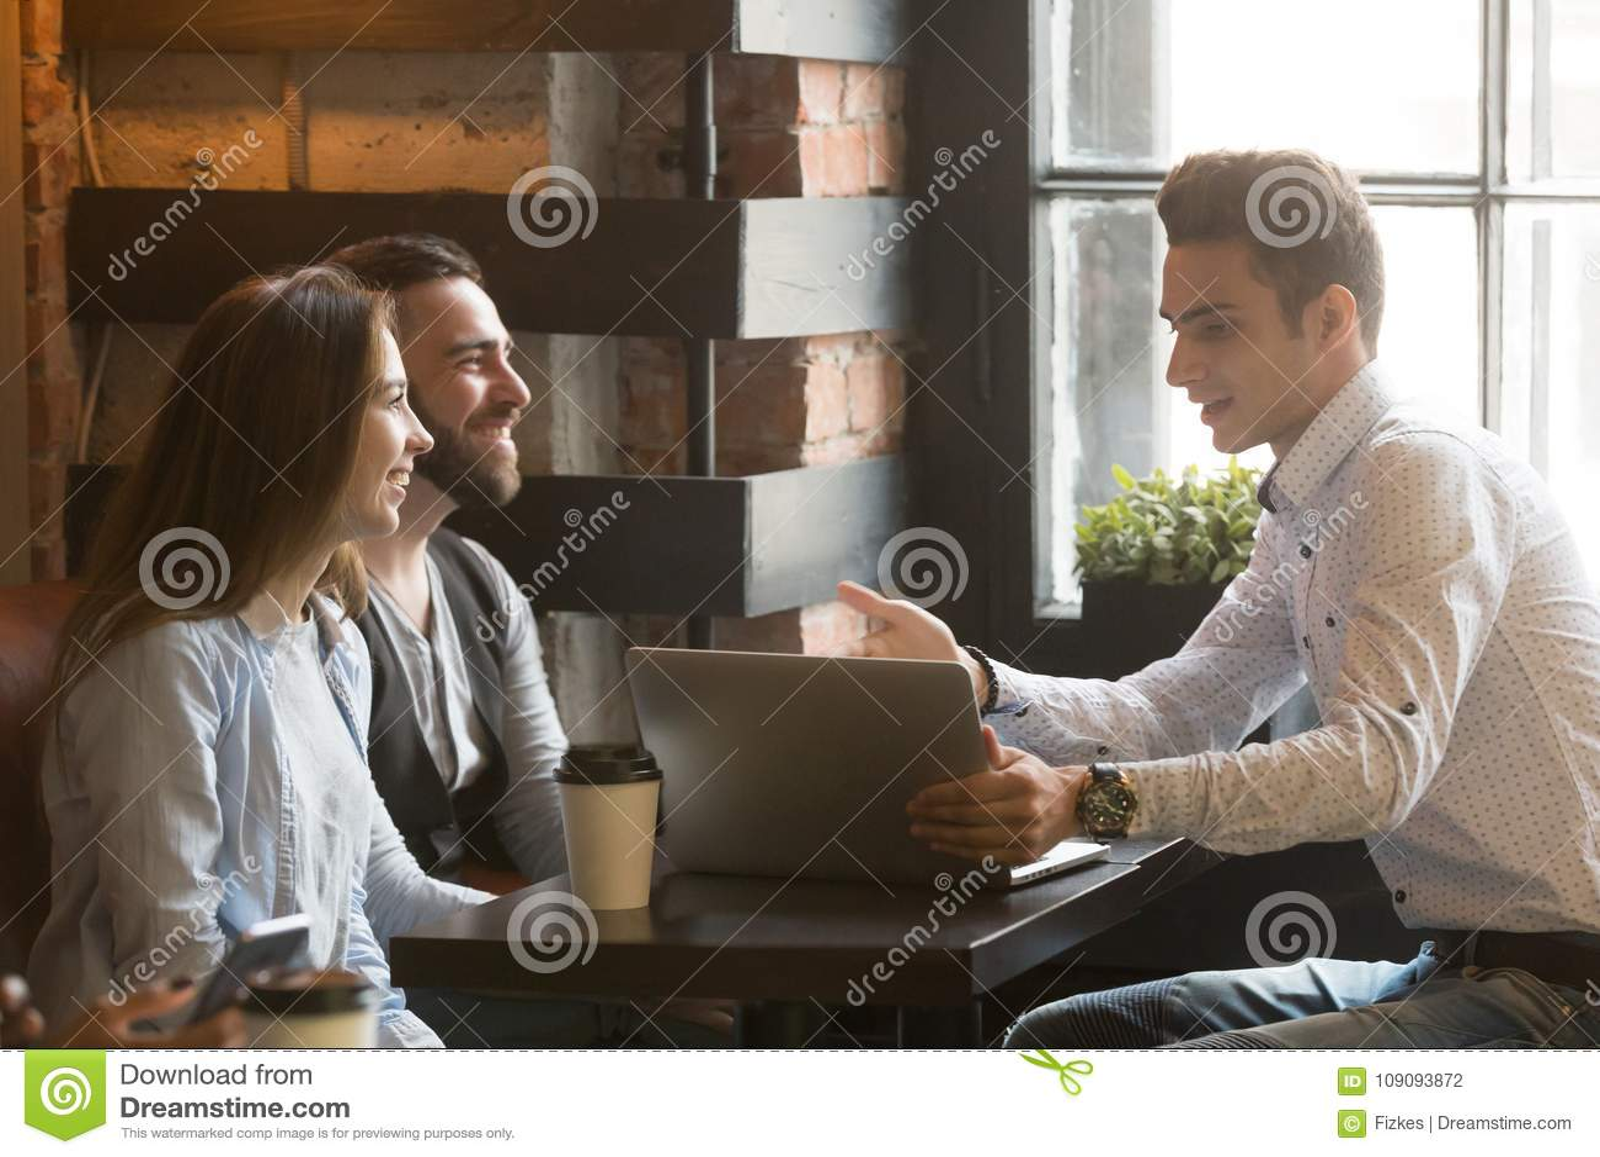 Asekuracyjny makler lub sprzedawca robi ofercie para w kawiarni